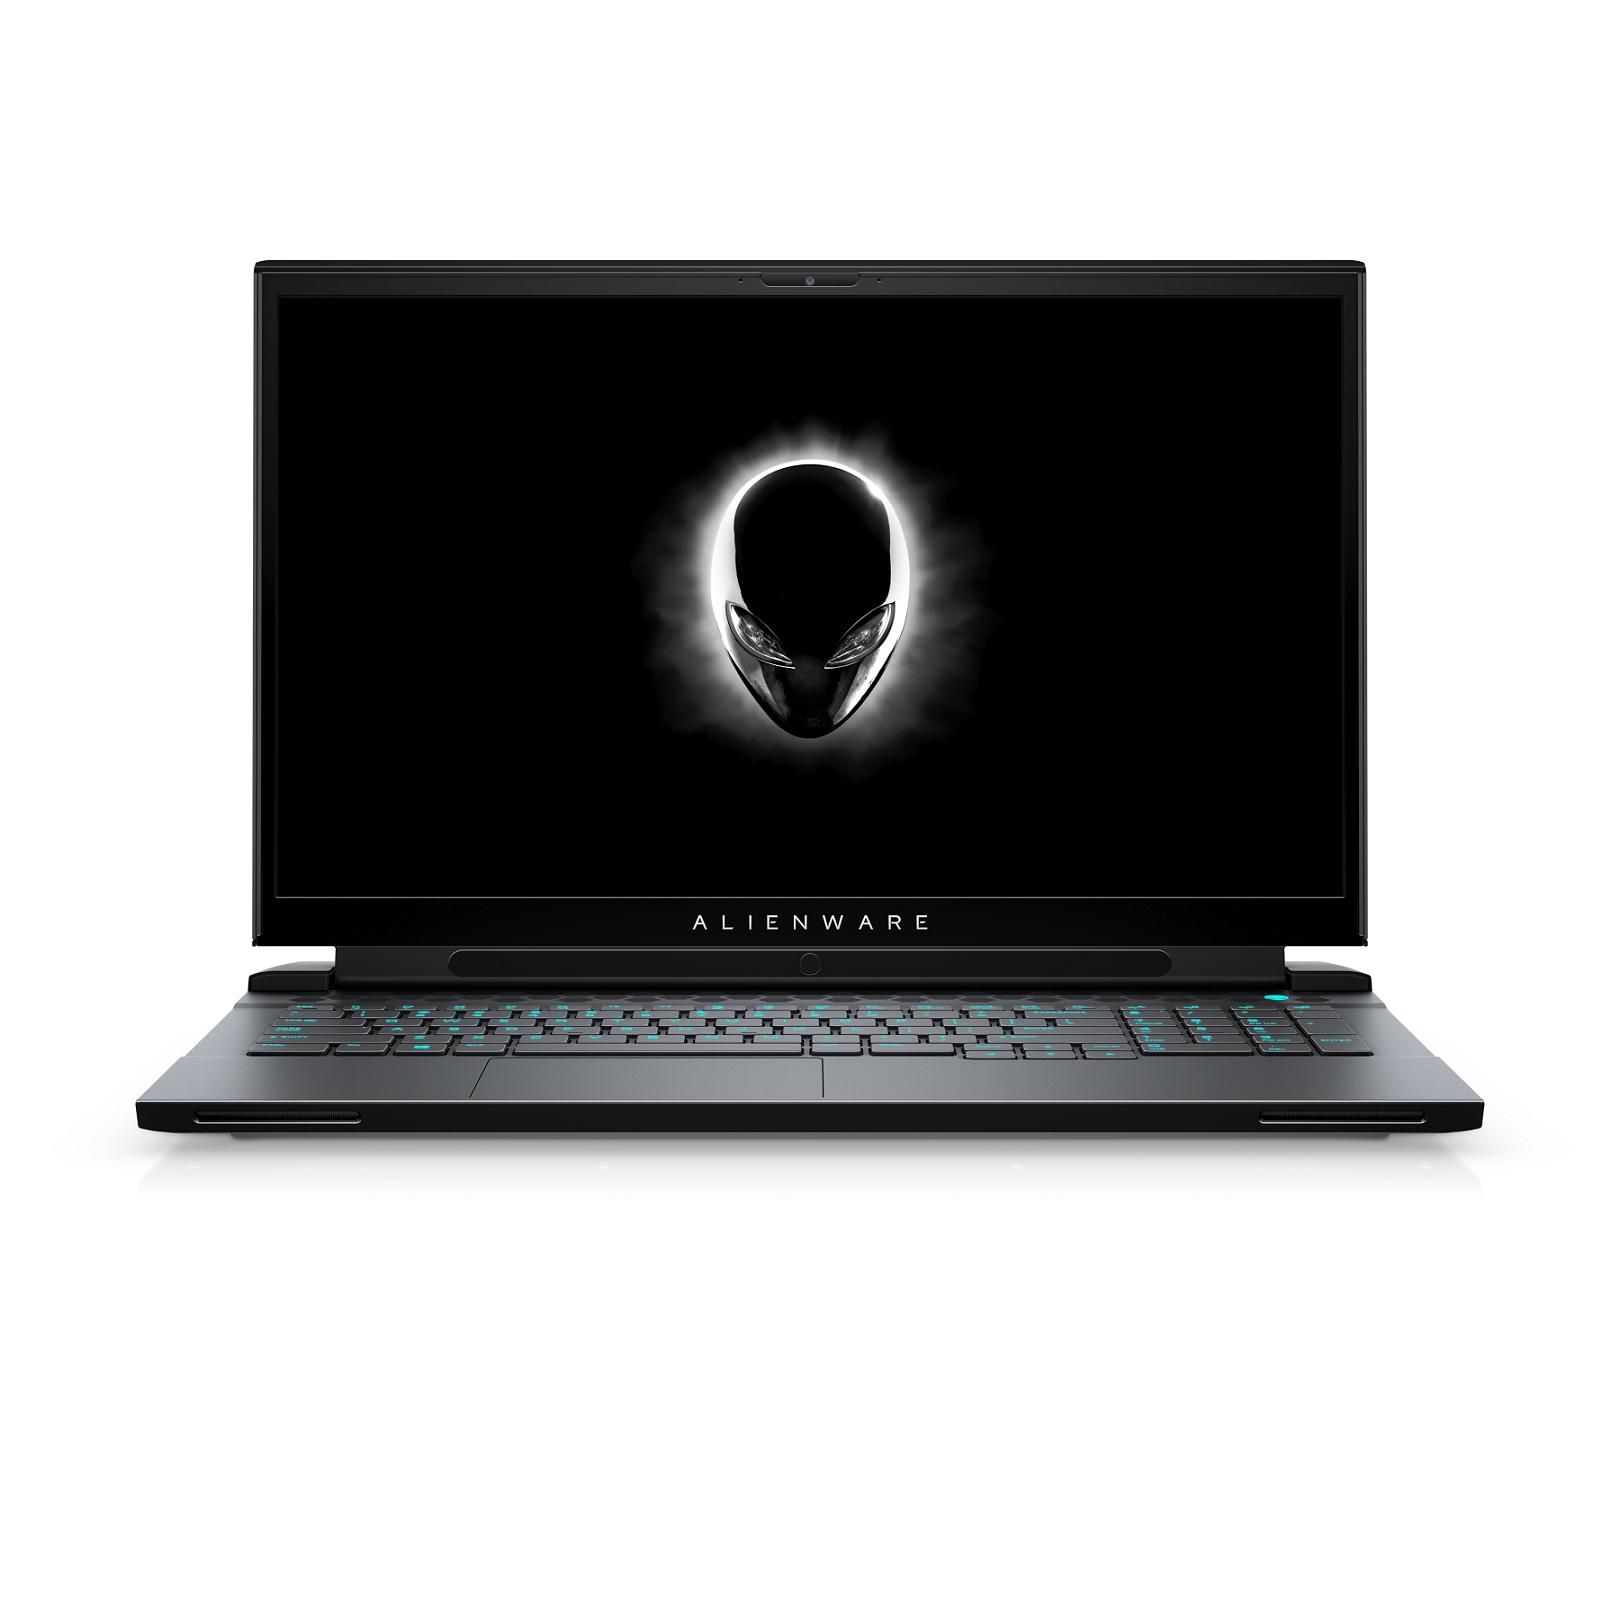 Dell ALIENWARE Area-51m/ m15/ m17 將搭載 10th Gen Intel CPU